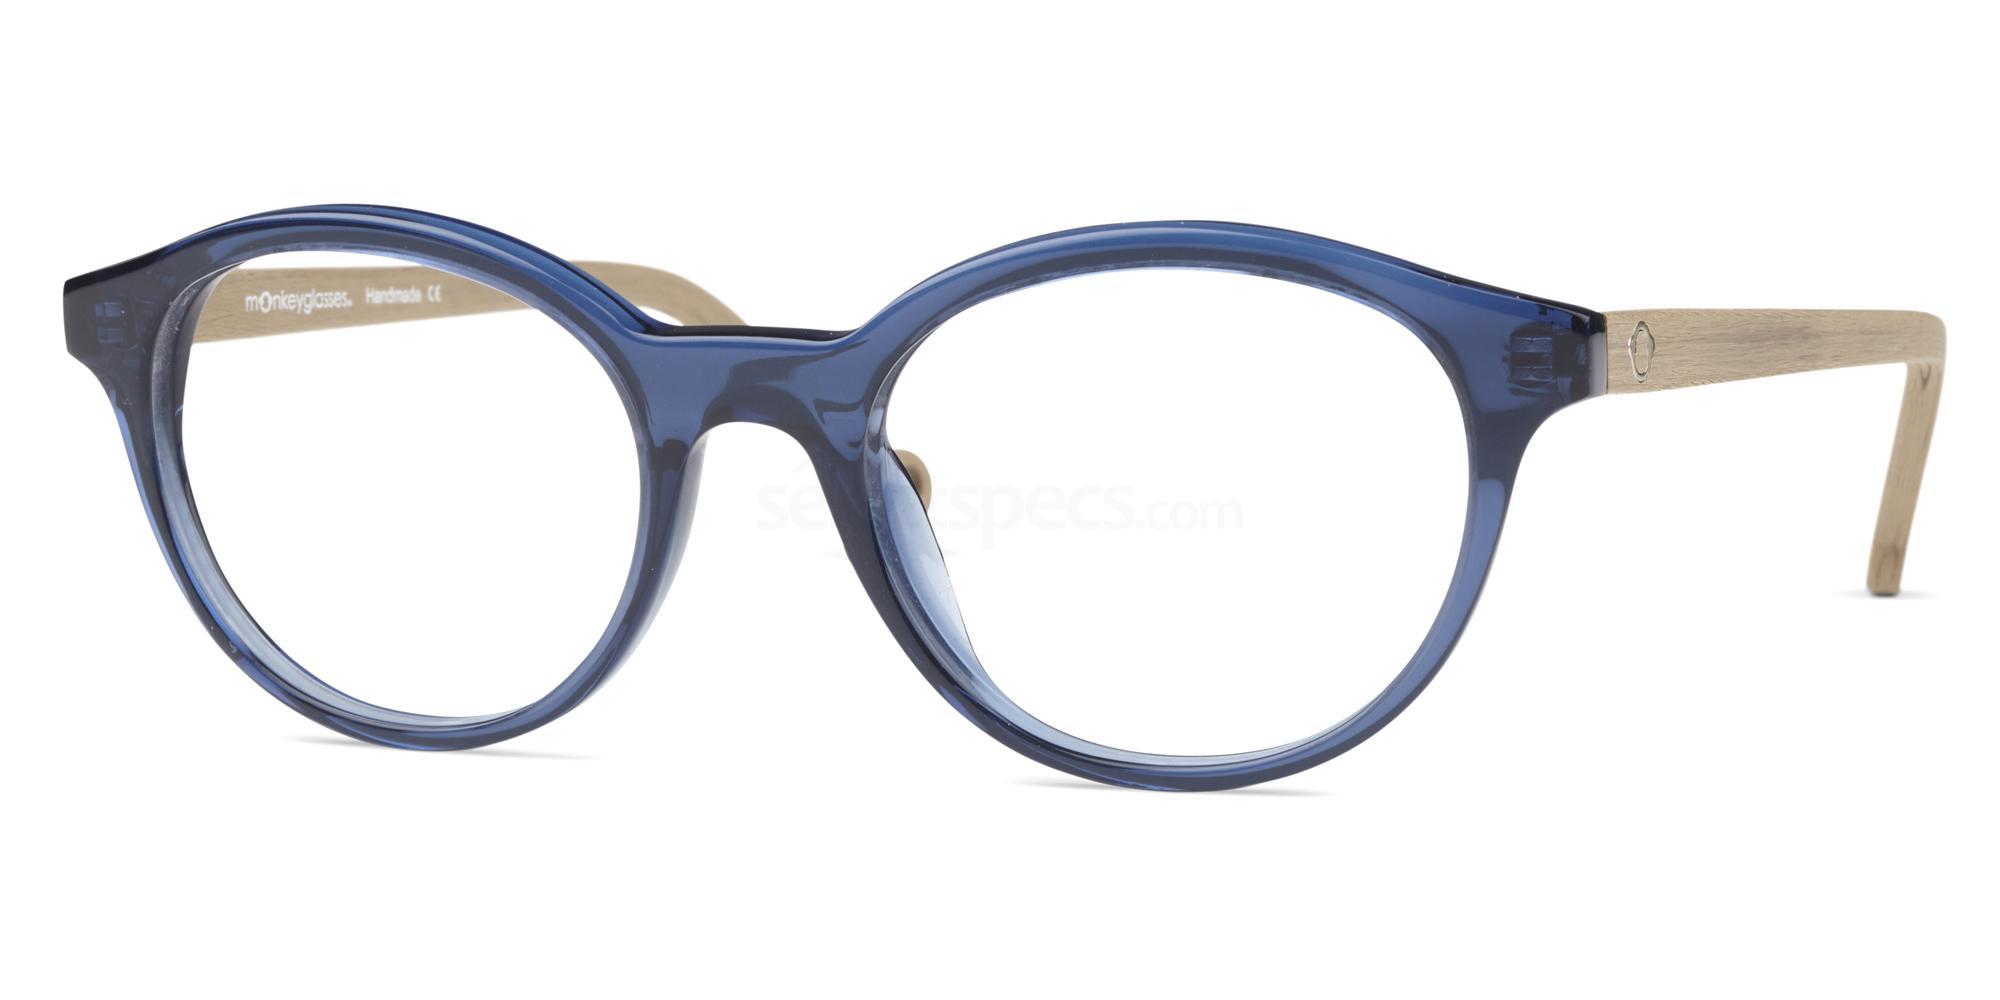 12 KARISE Glasses, MonkeyGlasses